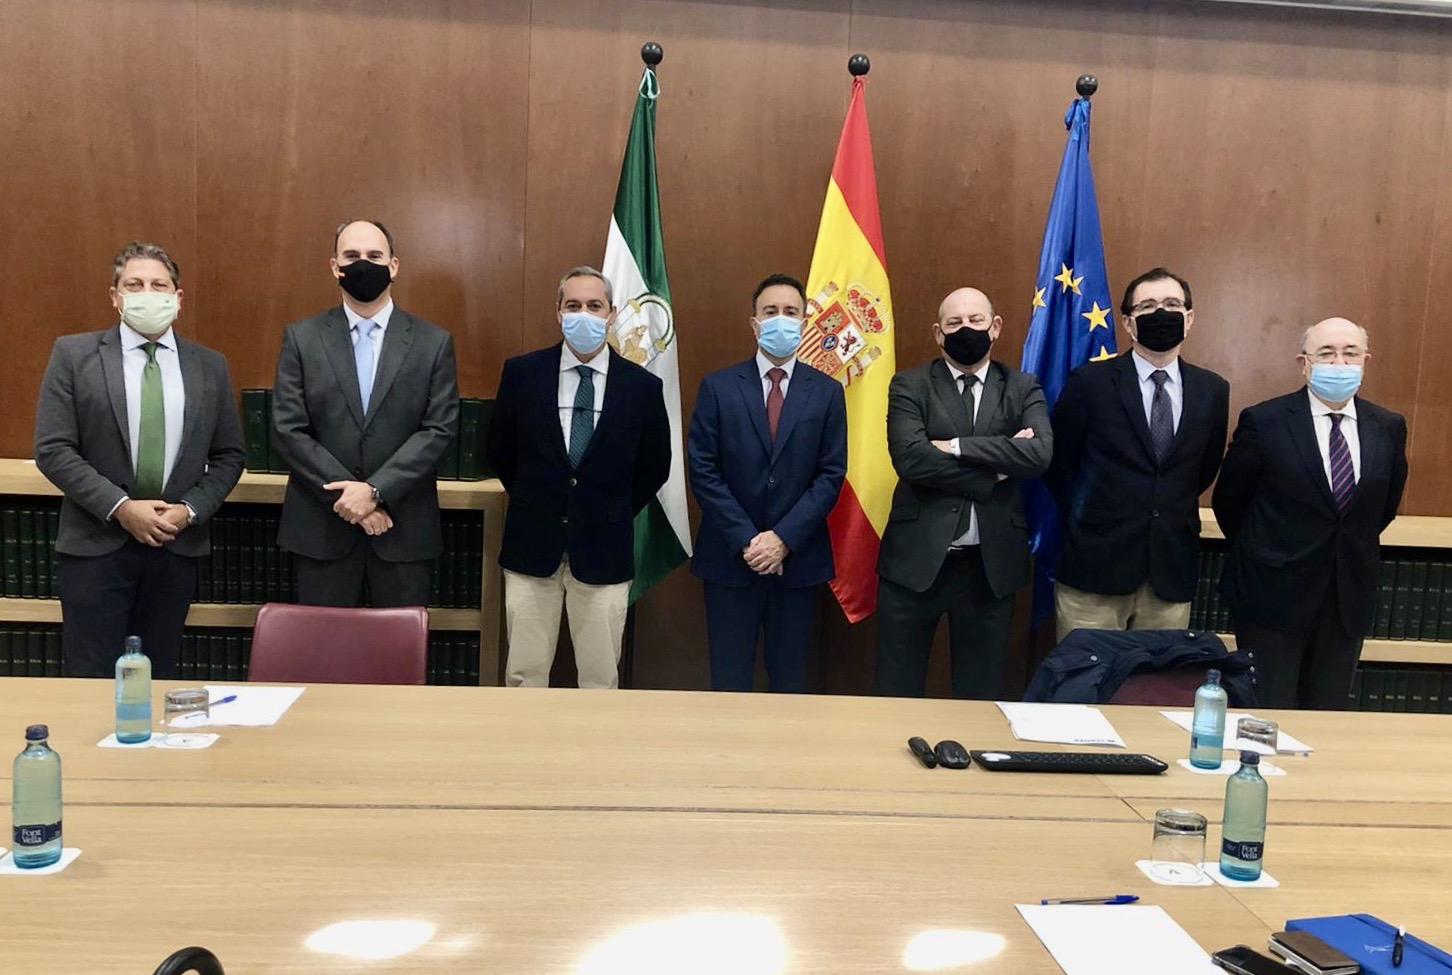 CLANER traslada a la Junta la necesidad de mayor personal en la Administración andaluza para afrontar el impulso de las renovables en la región